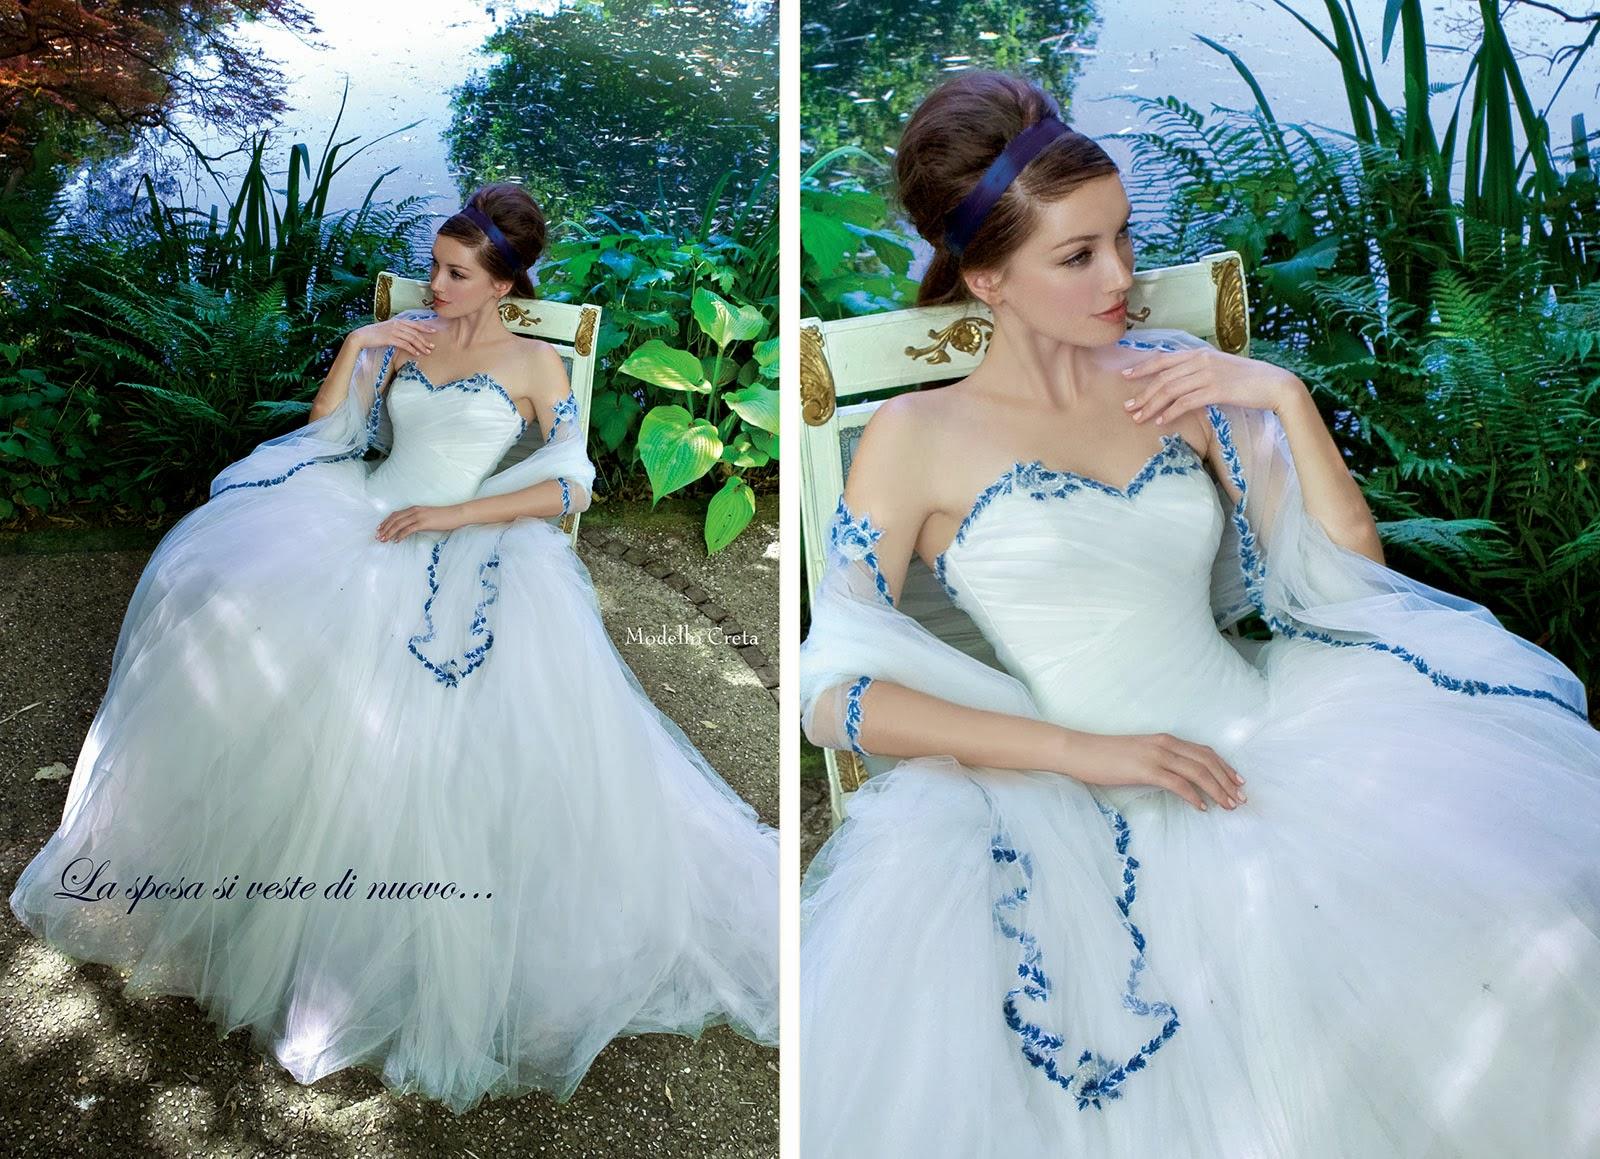 Dorable Vestido De Novia Años 20 Crest - All Wedding Dresses ...